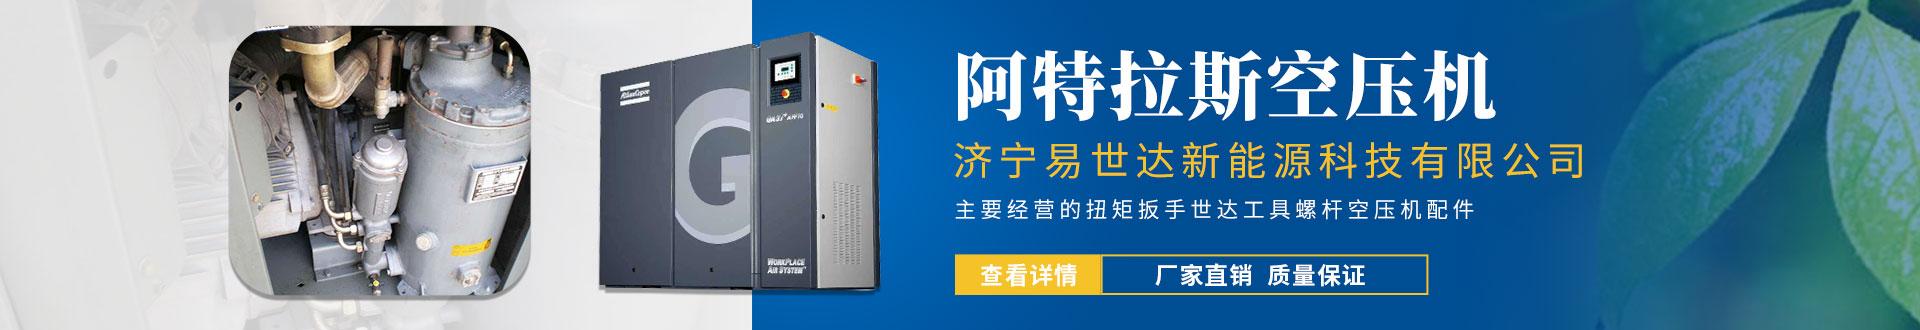 济宁易世达新能源科技有限公司